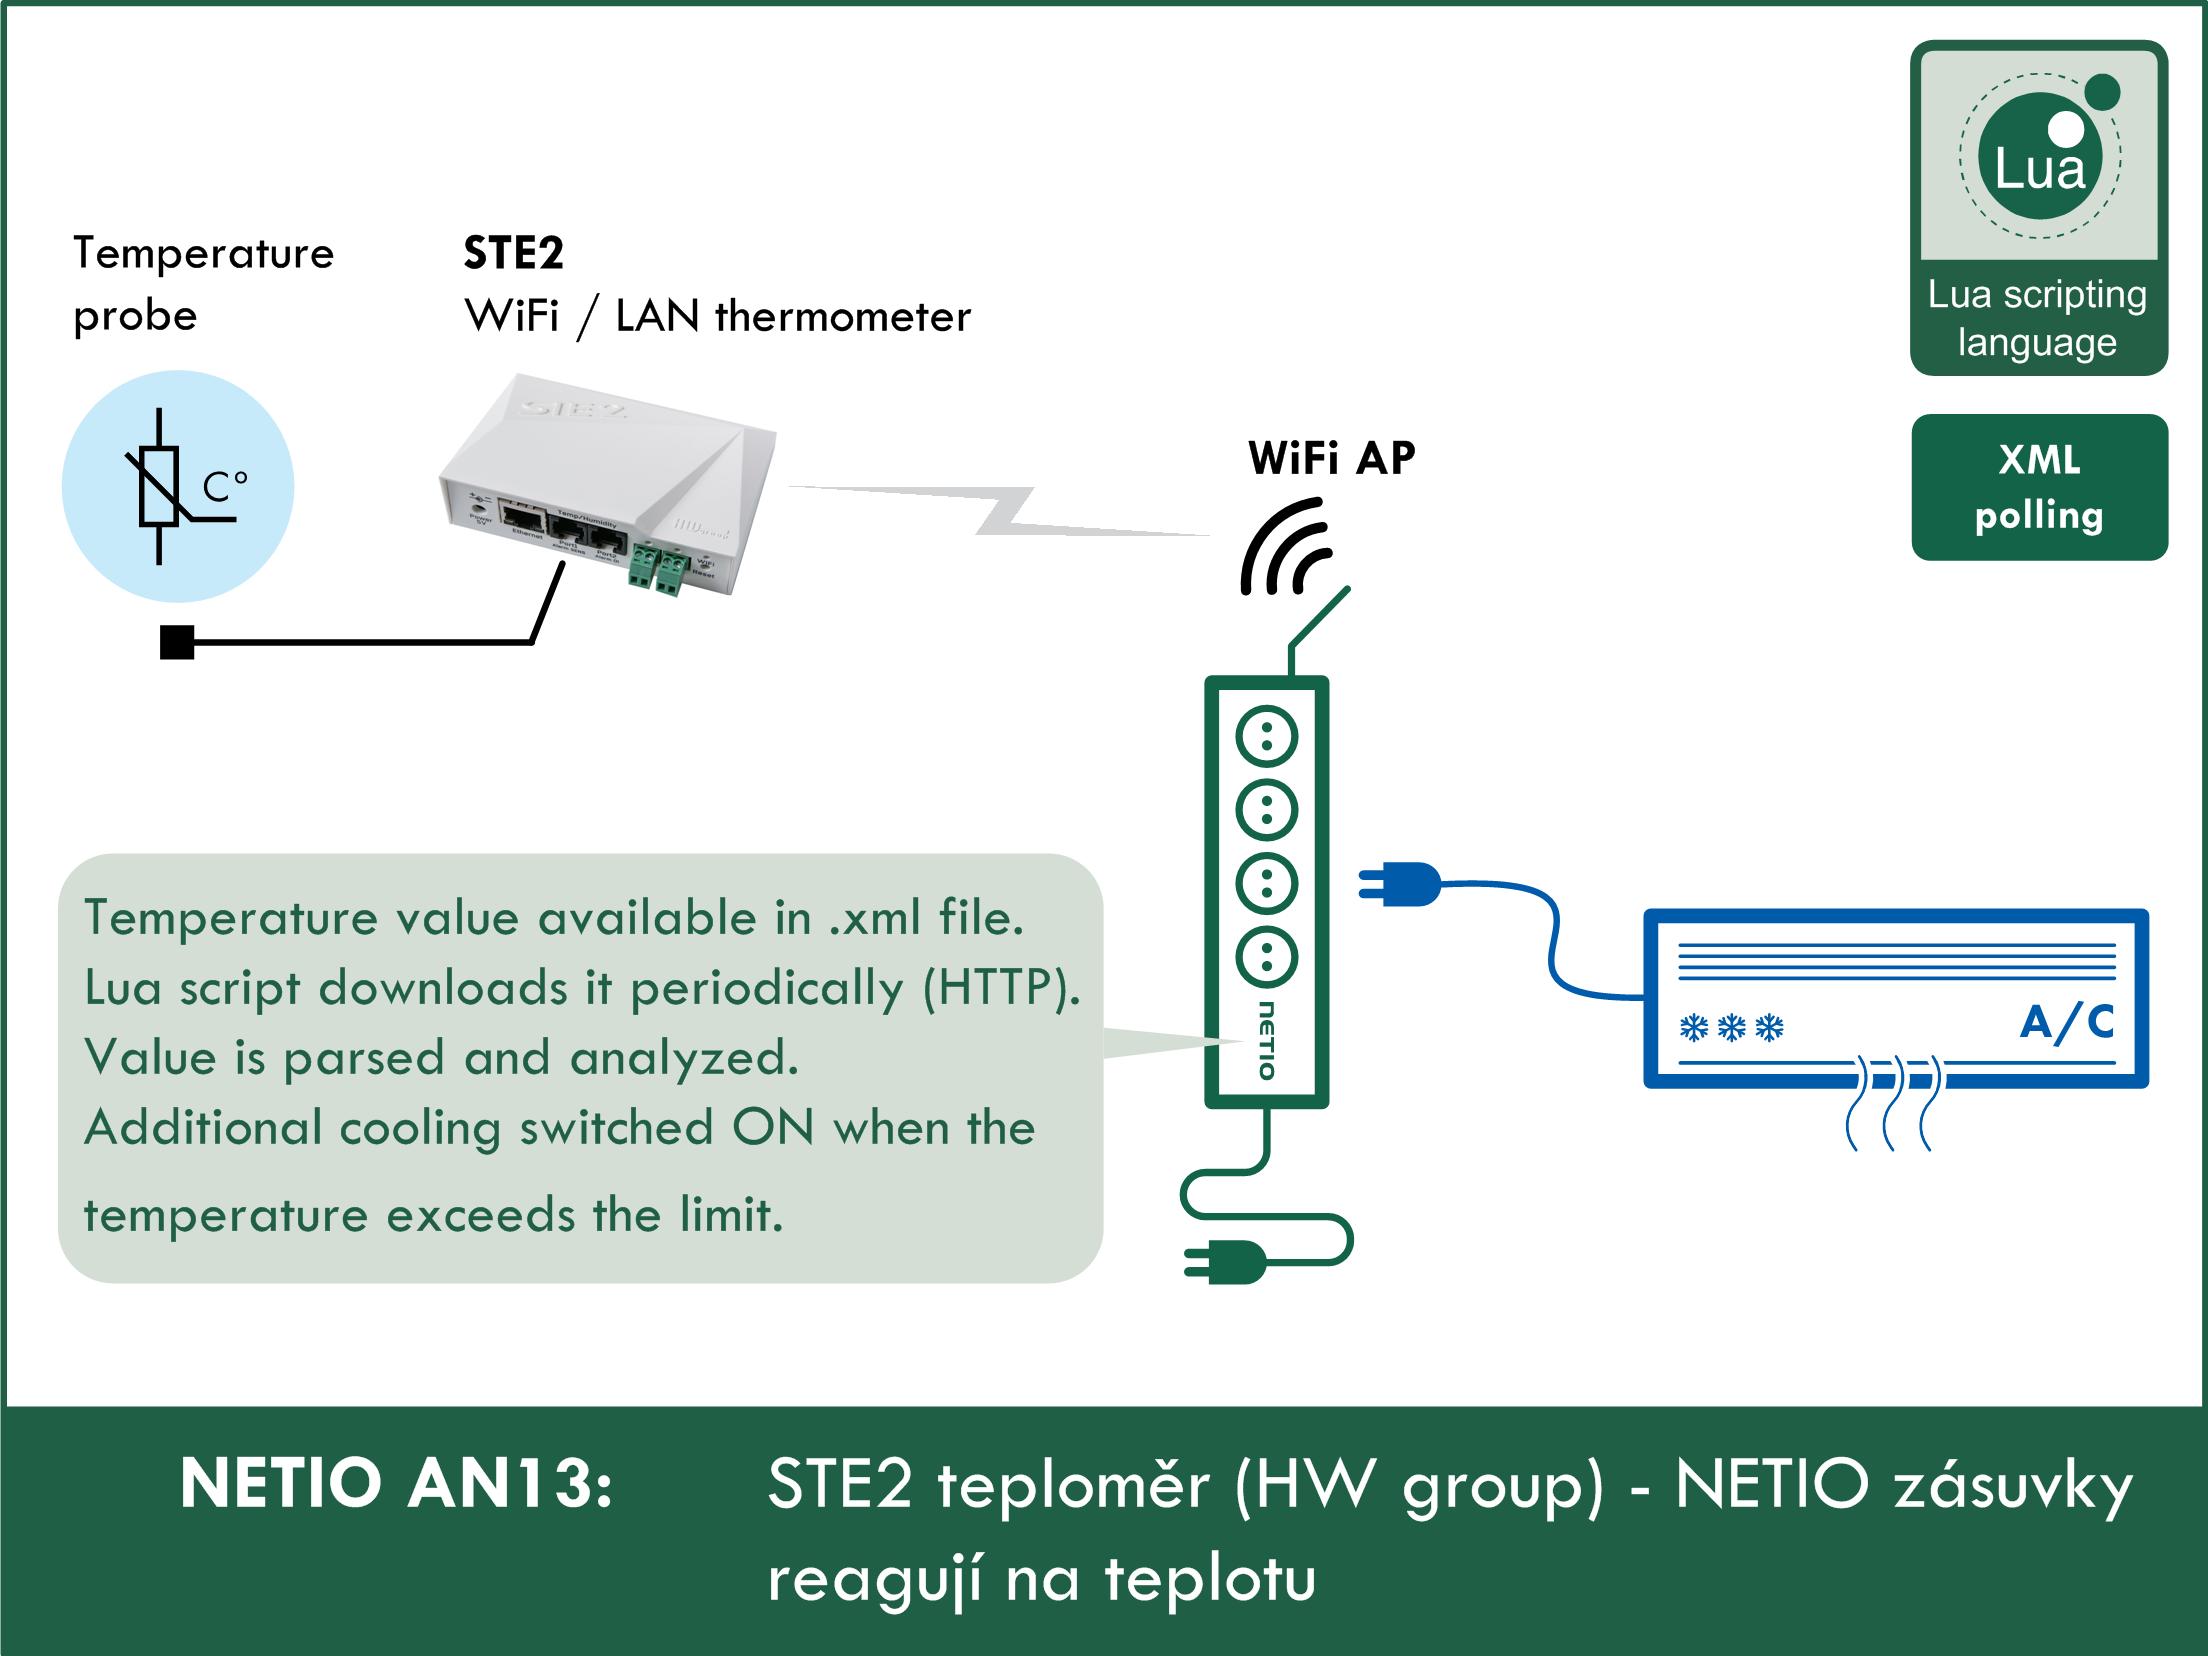 NETIO AN13 STE2 teploměr (HW group) - NETIO zásuvky reagují na teplotu